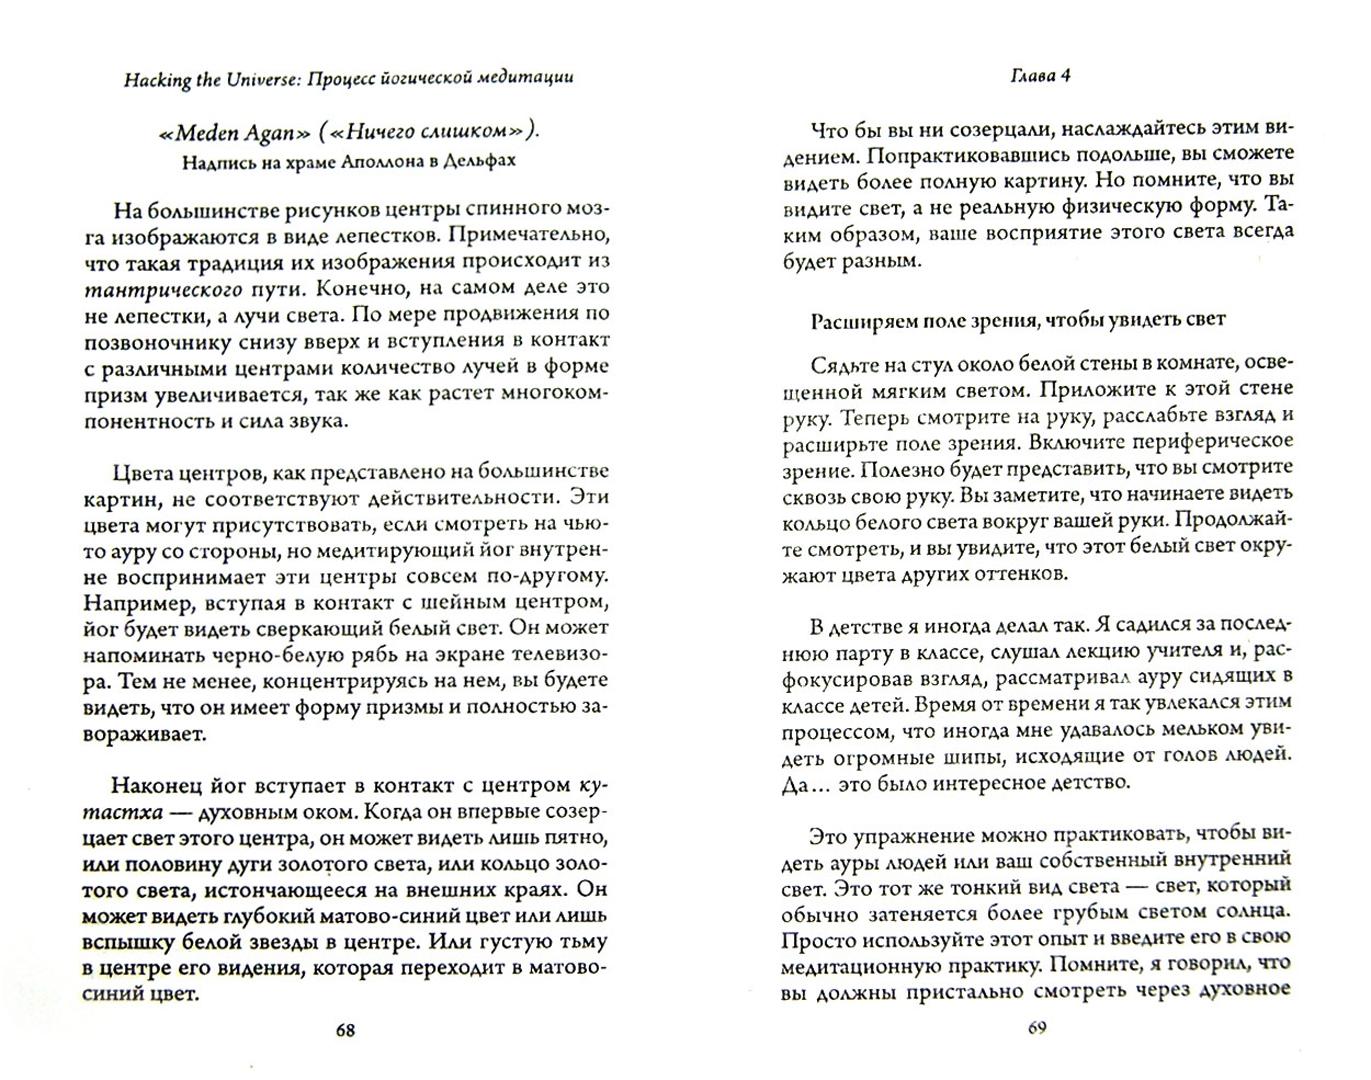 Иллюстрация 1 из 5 для Hacking the Universe. Процесс йогической медитации - Форрест Кнутсон | Лабиринт - книги. Источник: Лабиринт